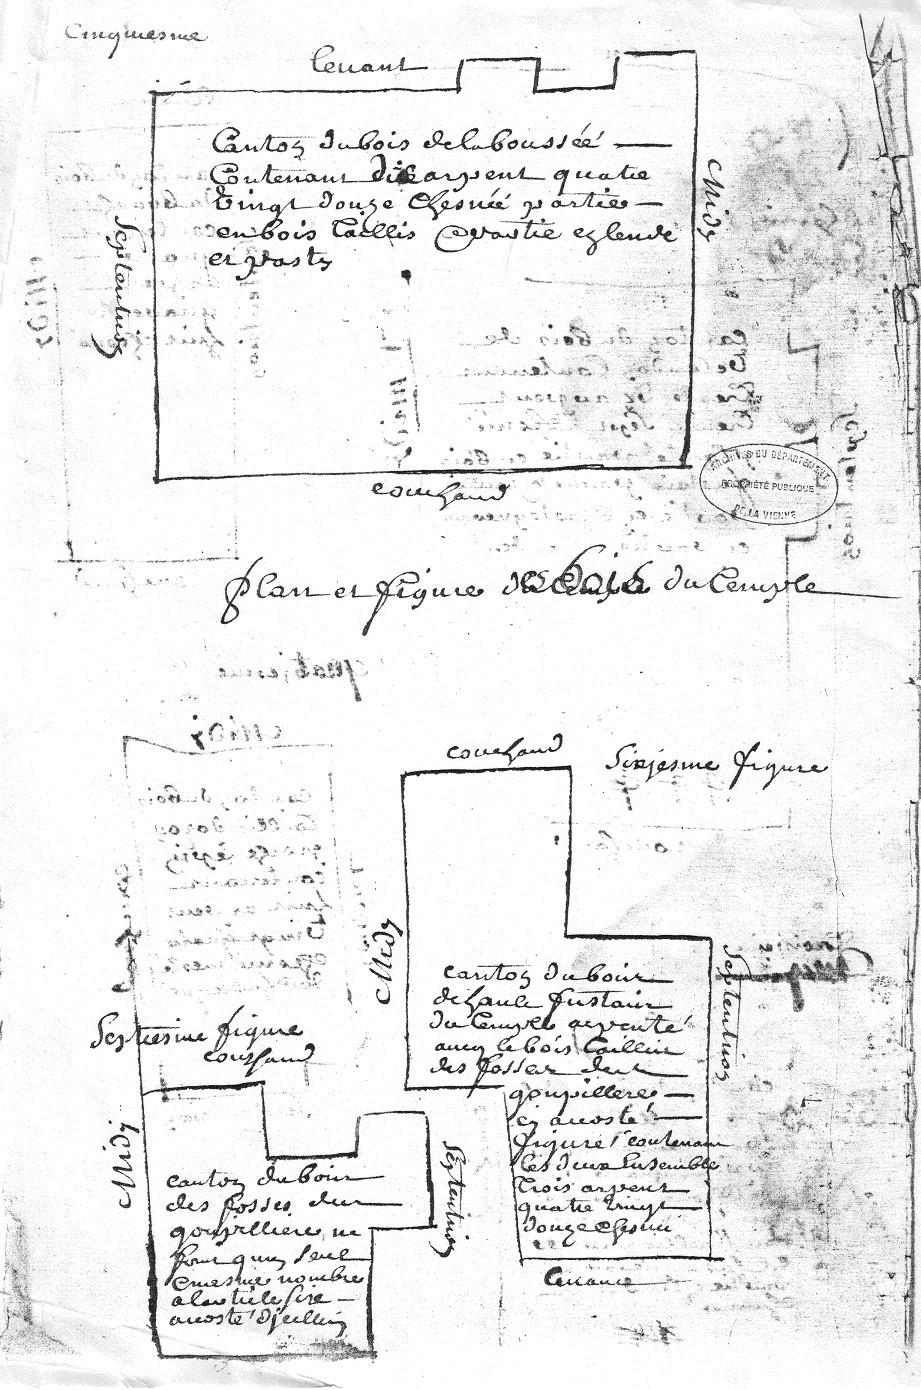 1729 - Plans des bois de la commanderie d'Auzon  - D'Allogny de la Groie Figures 5, 6 et 7